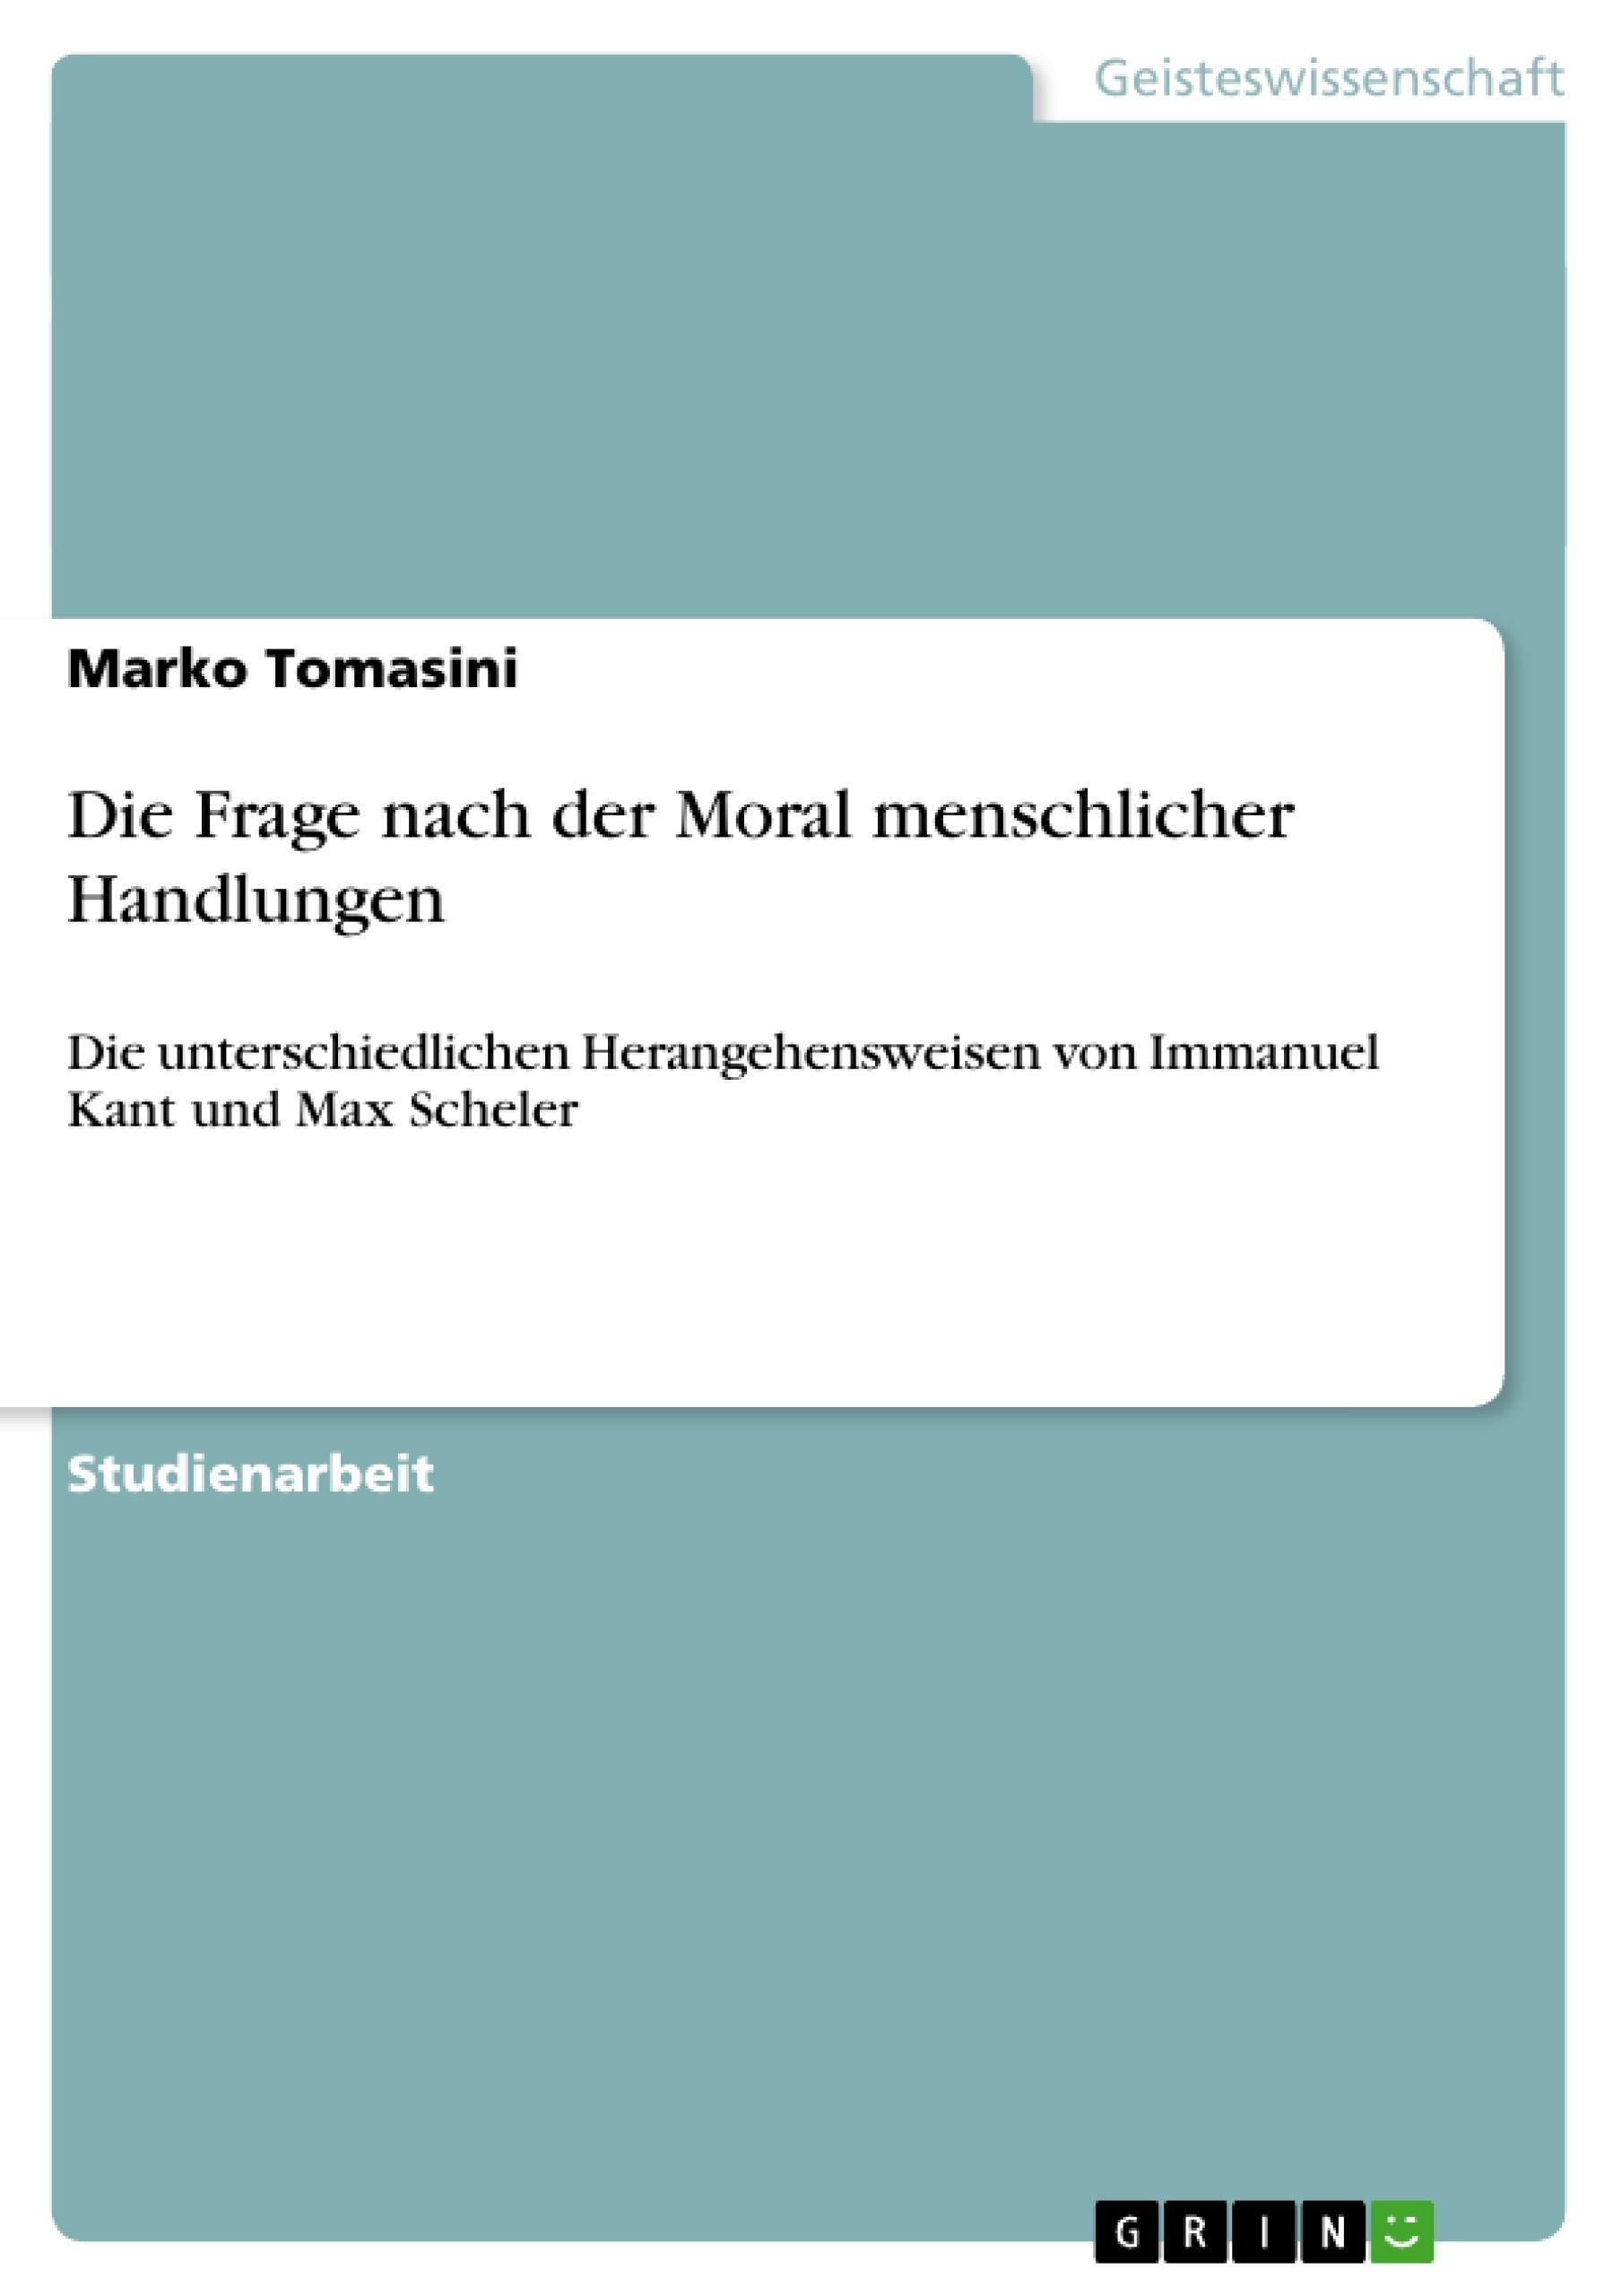 Titel: Die Frage nach der Moral menschlicher Handlungen